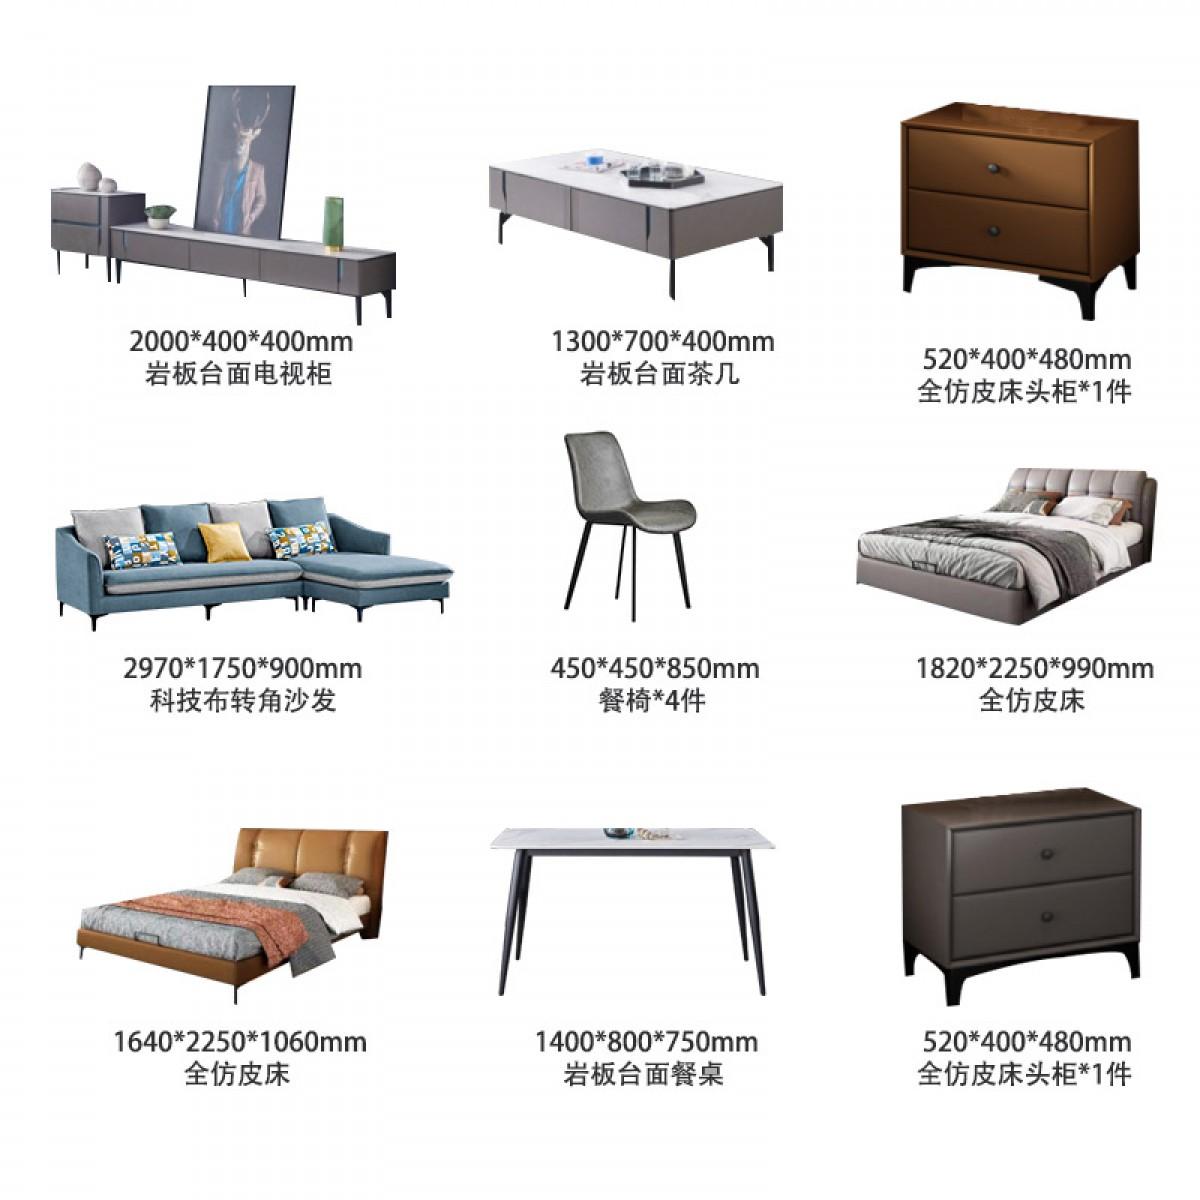 明驰家居意式极简风格A1套餐12件套全屋家具